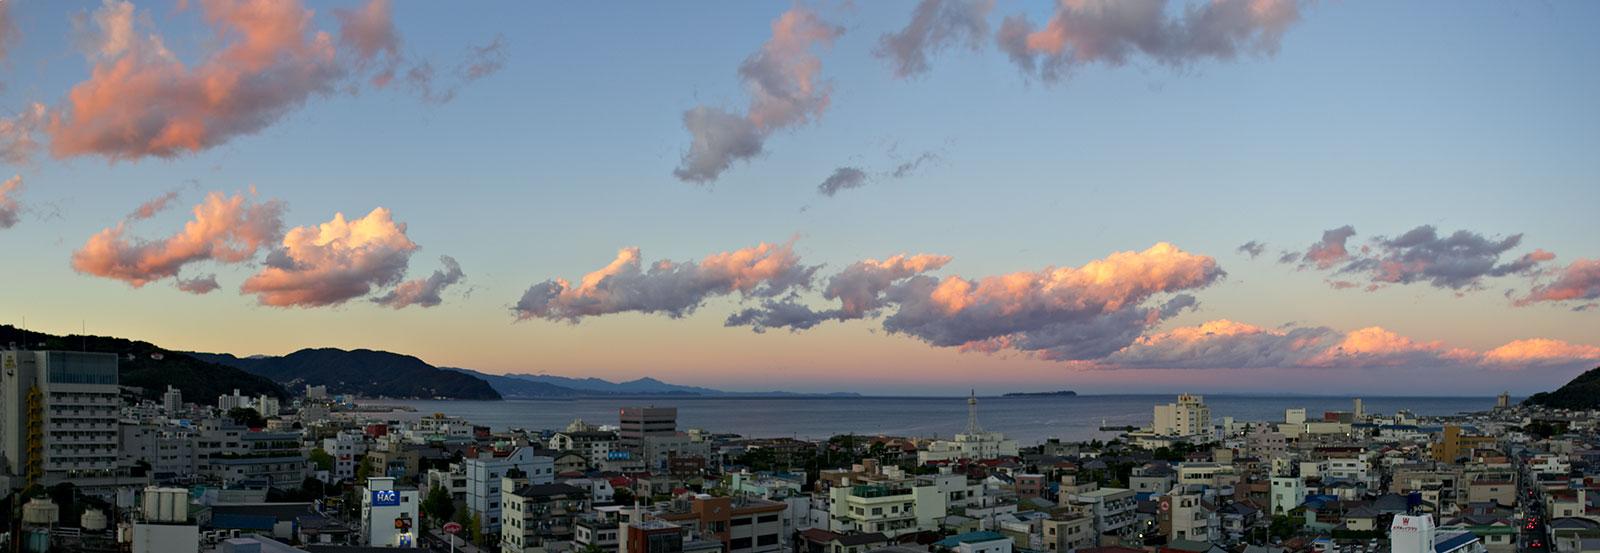 Ito, a city on the east coast of Japan's Izu Peninsula.